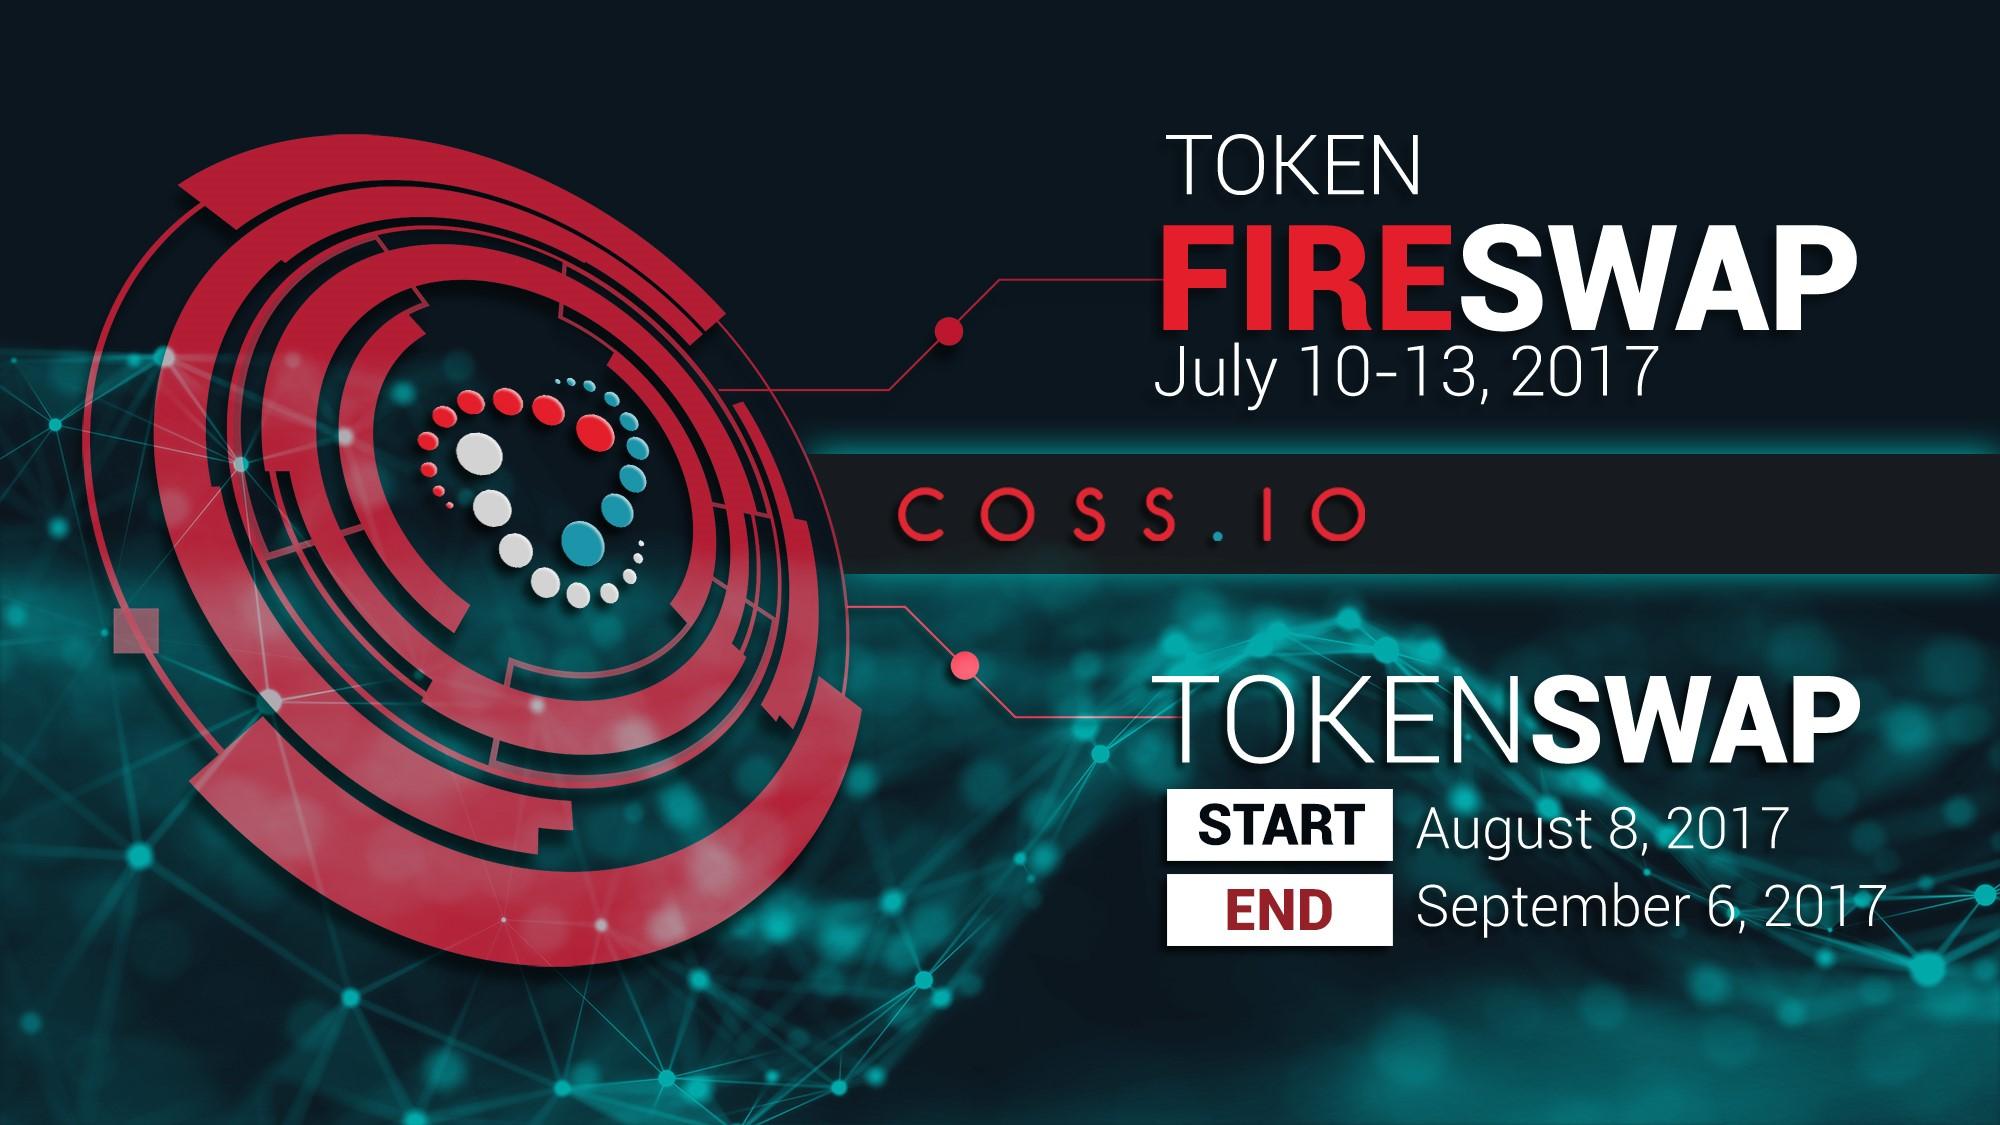 COSS.IO Announces a 72-hour Fire Swap (pre-ICO)